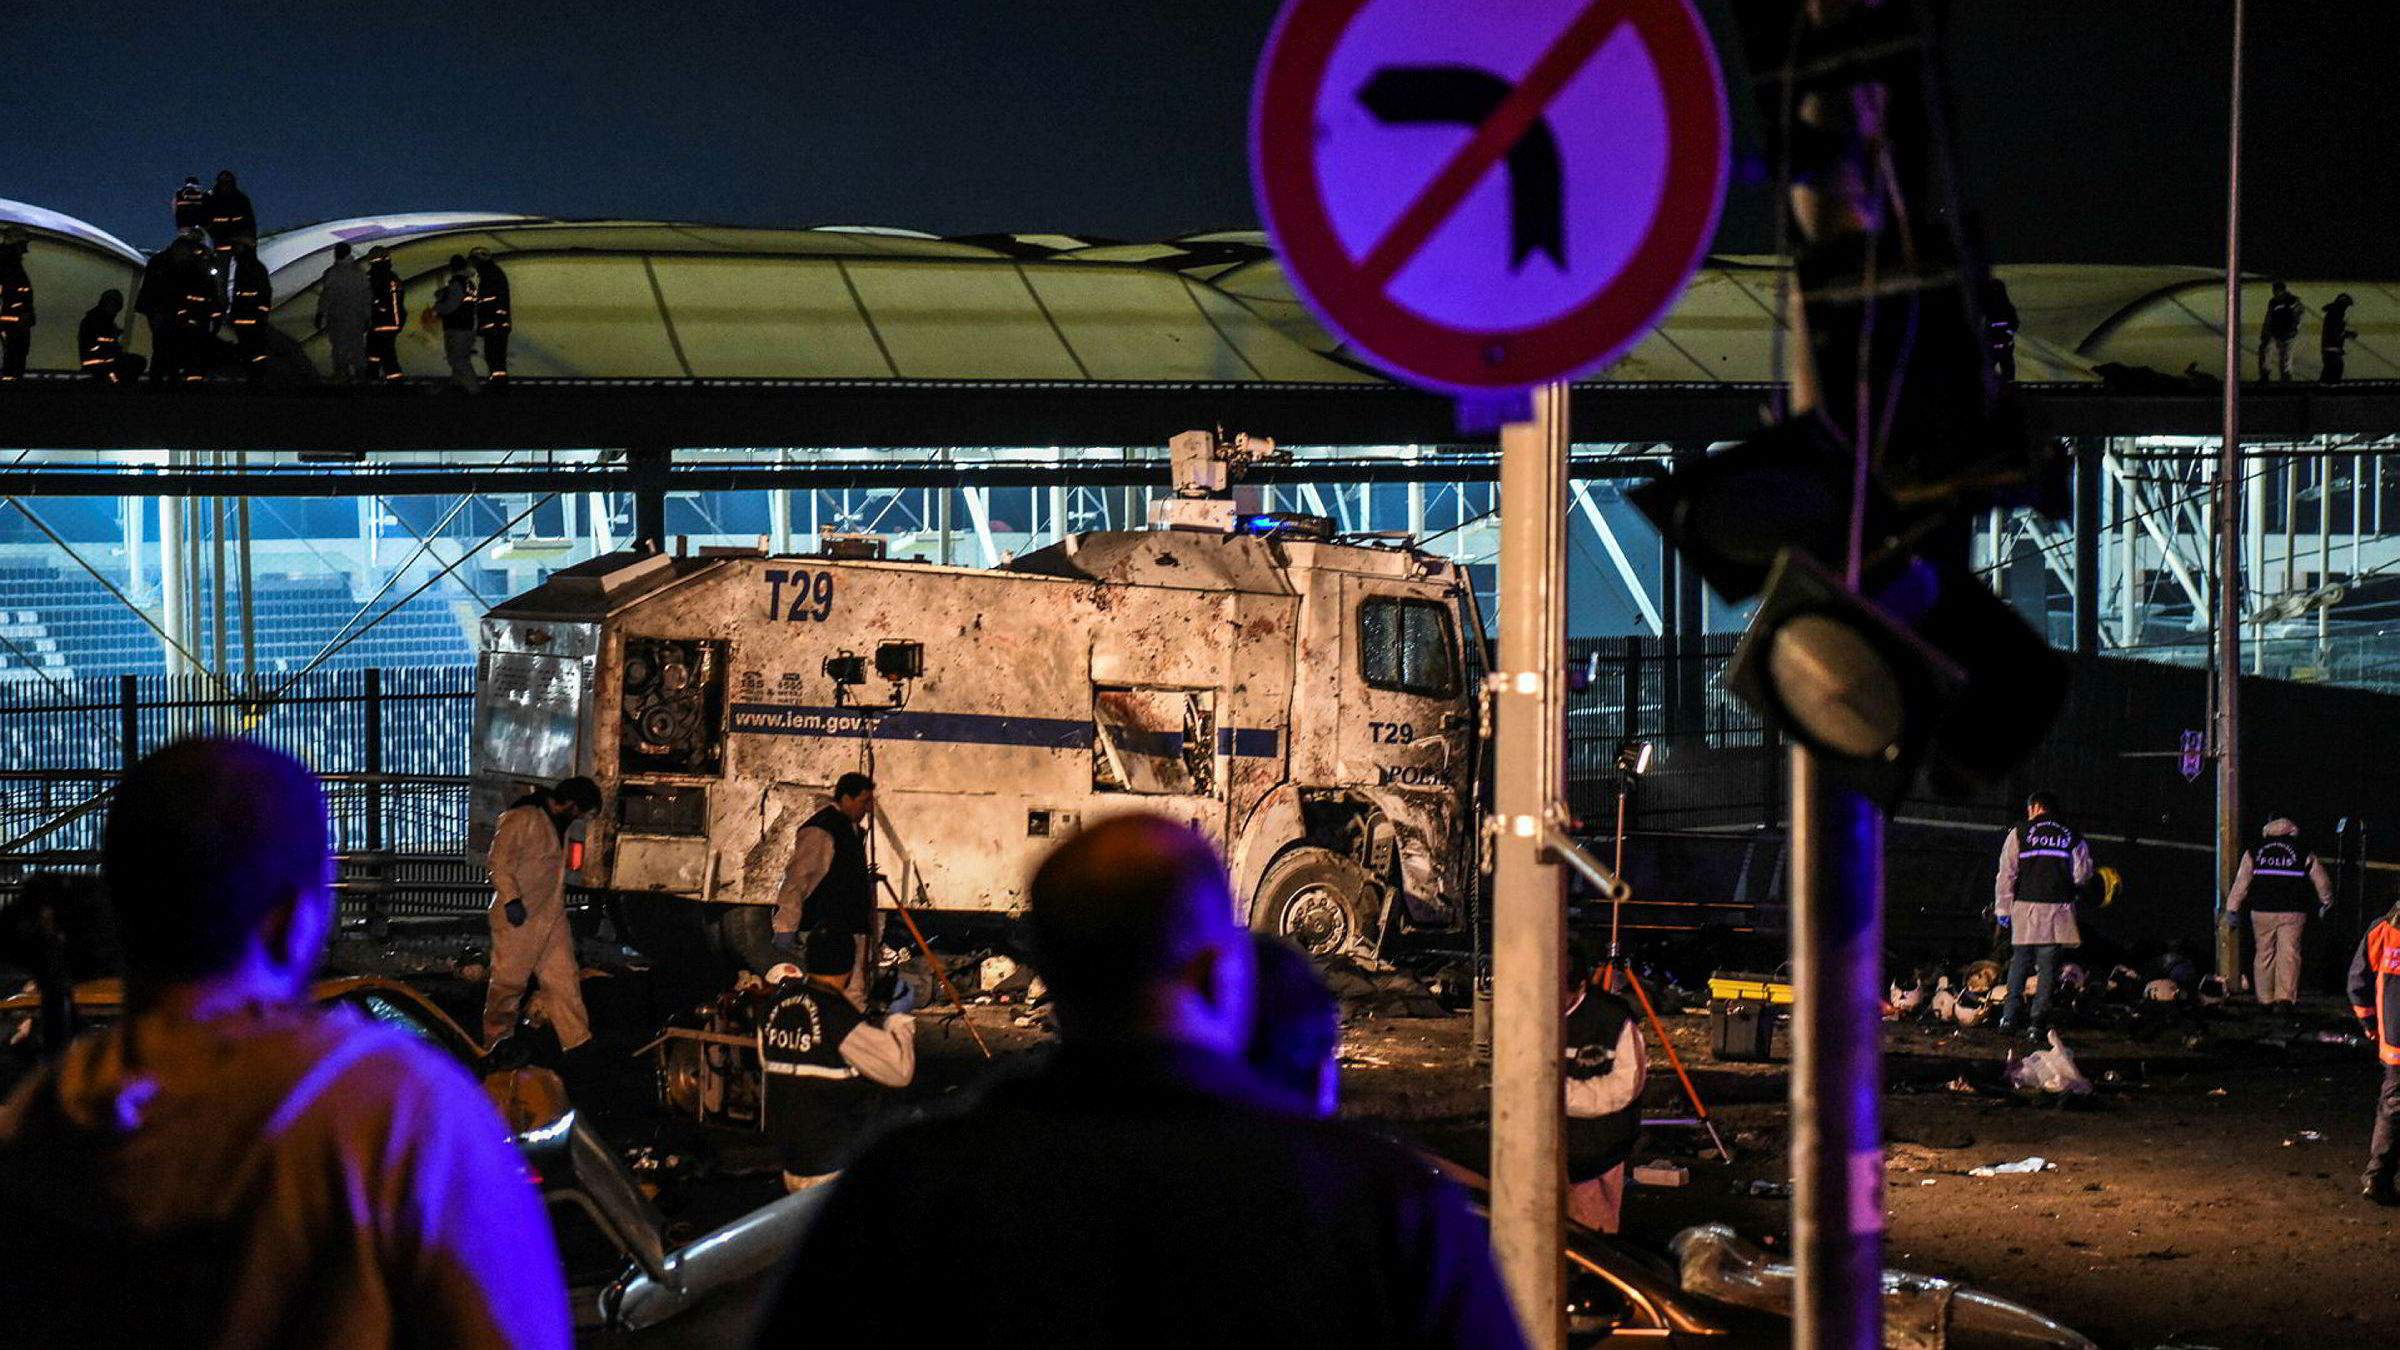 Krimteknikere arbeider på åstedet ved fotballarenaen til storklubben Besiktas, Vodafone Arena stadium. To bilbomber eksploderte i stadionområdet lørdag etter en større kamp.